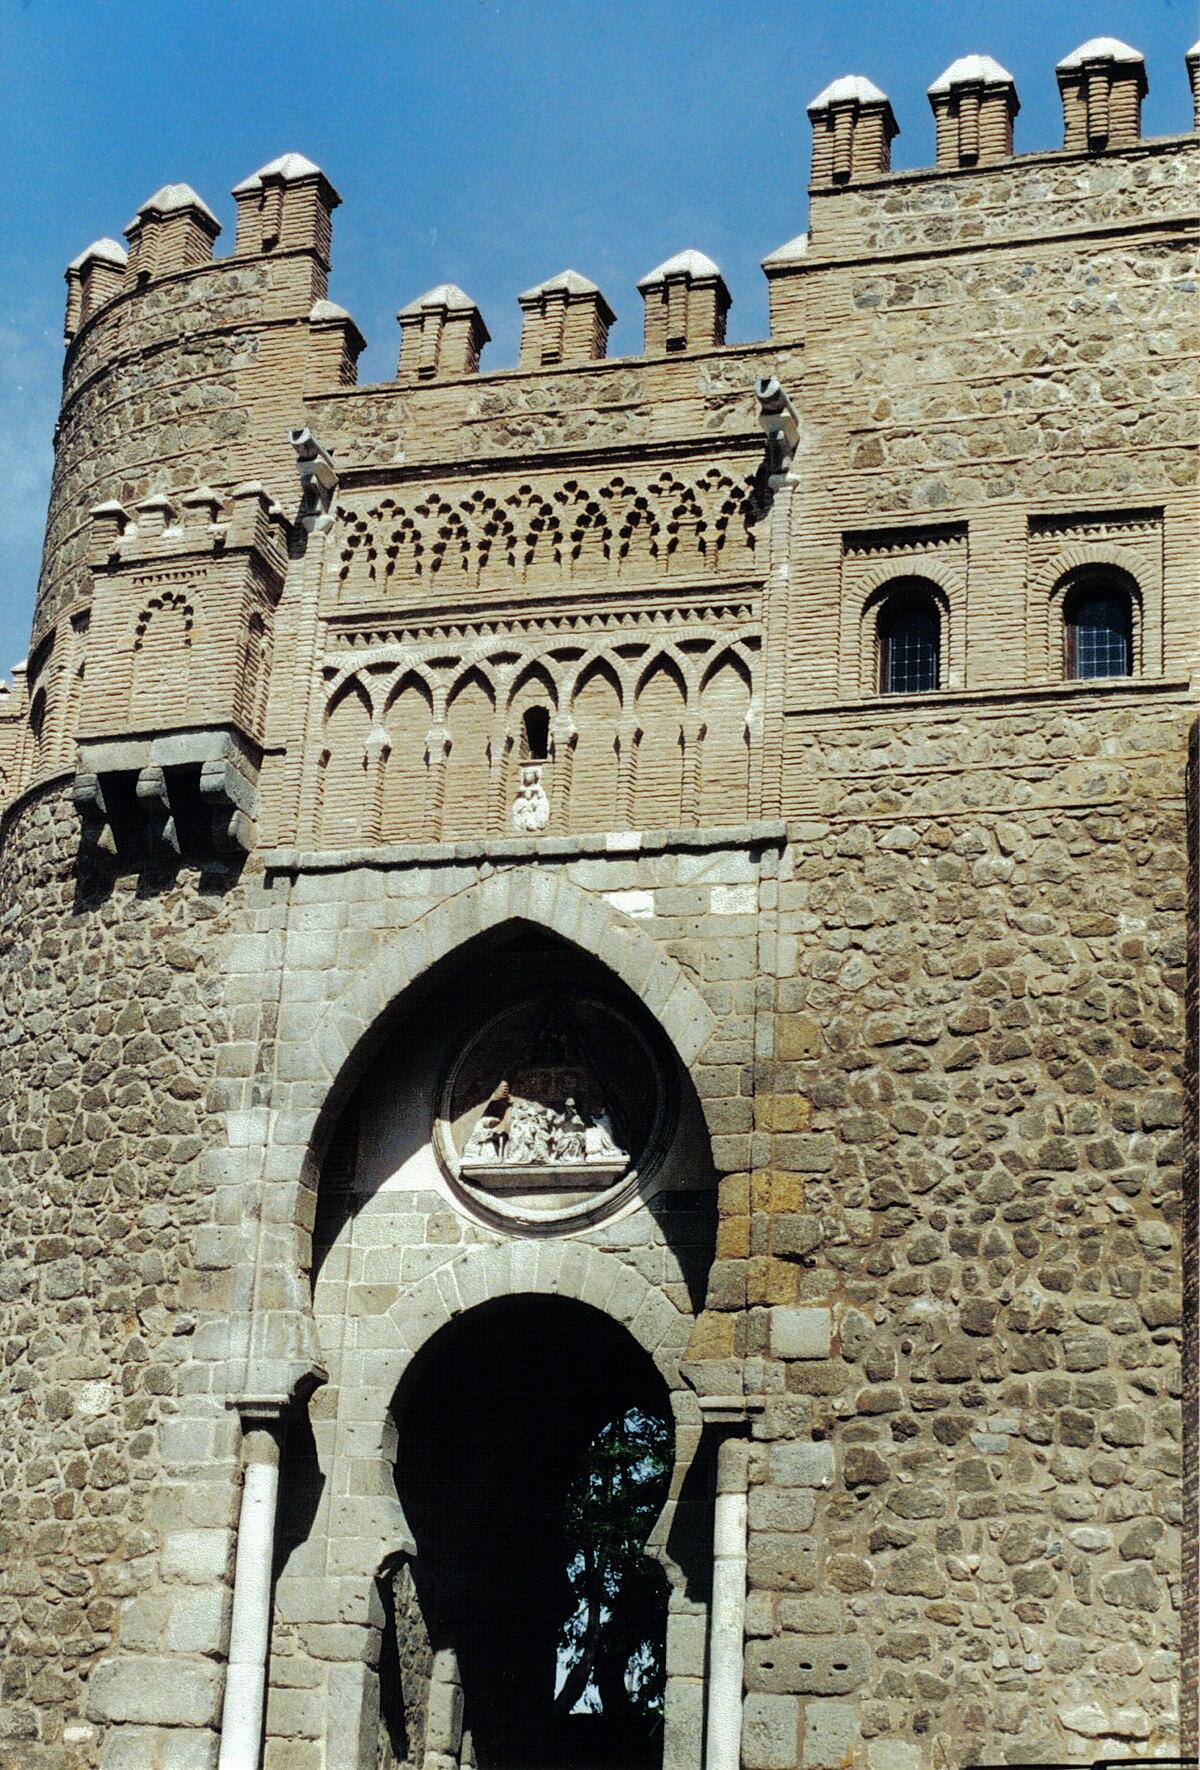 Puerta del sol wikidata for Puerta del sol